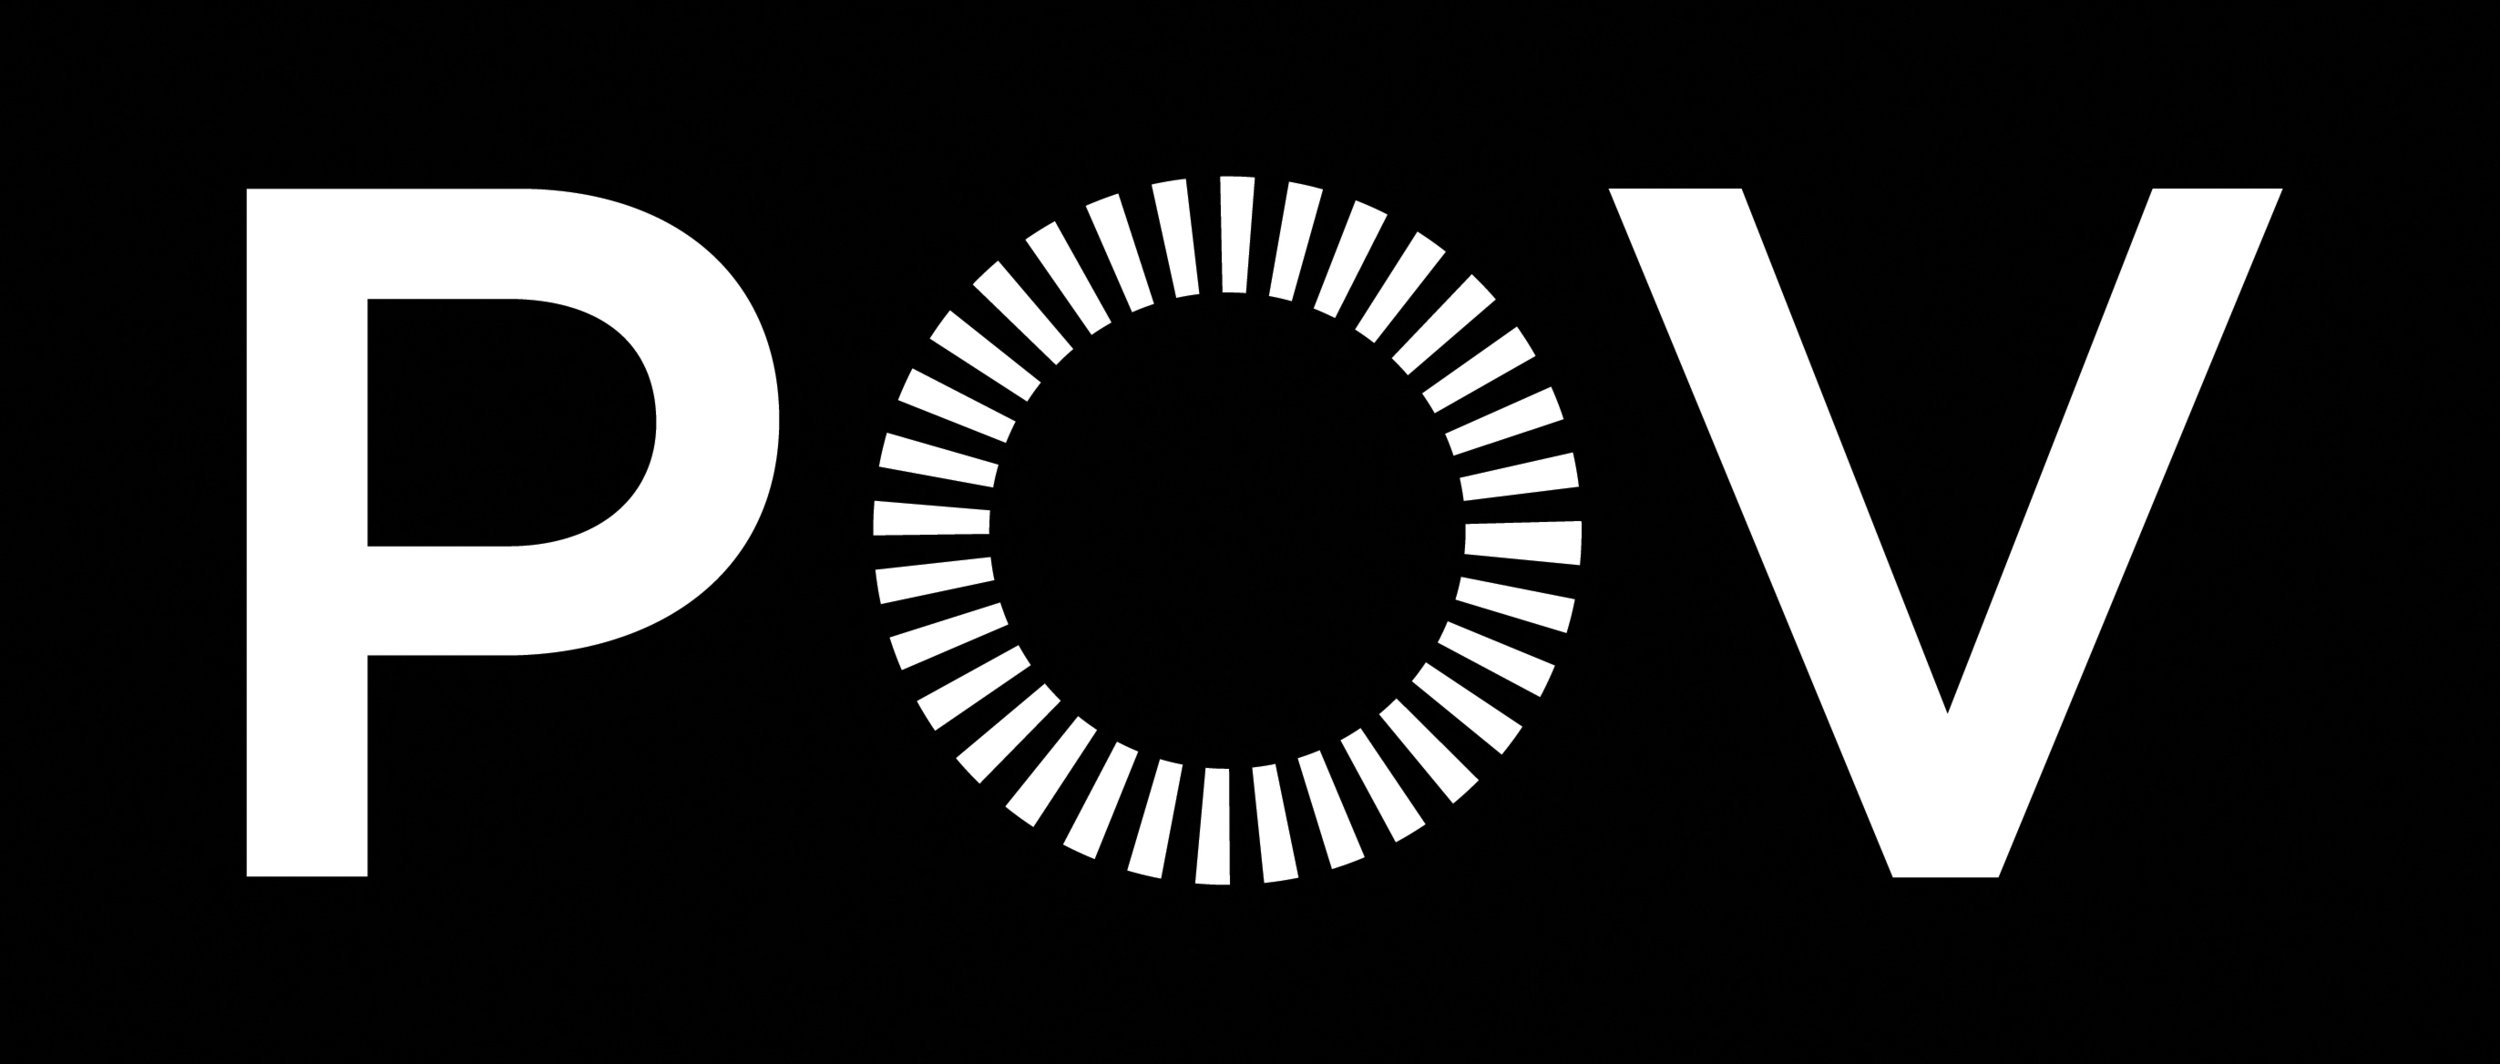 pov-logo-2744x1168.jpg